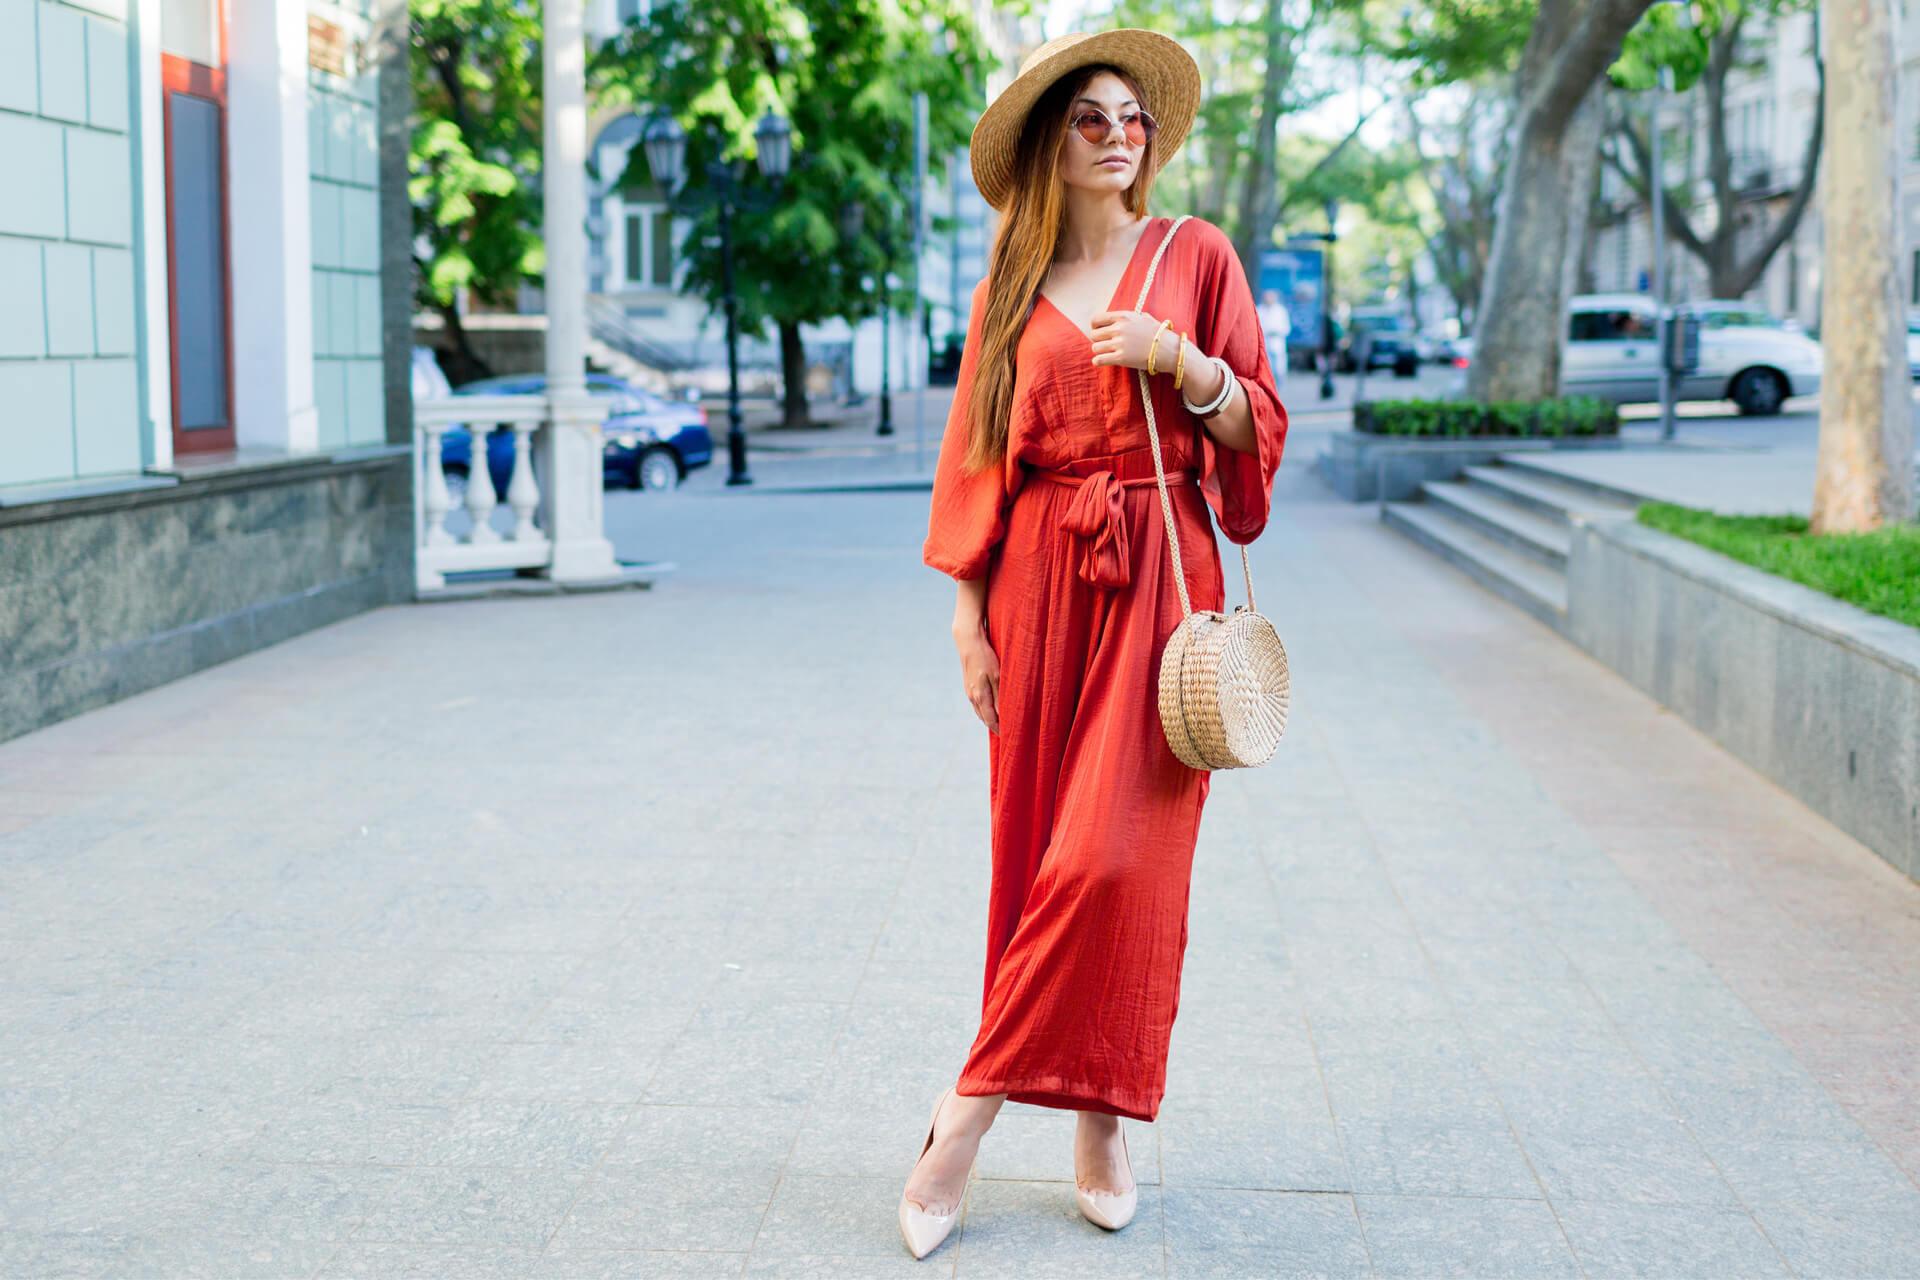 20 Fantastisch Kleid Für Einen Abend Mieten für 201917 Luxus Kleid Für Einen Abend Mieten Galerie